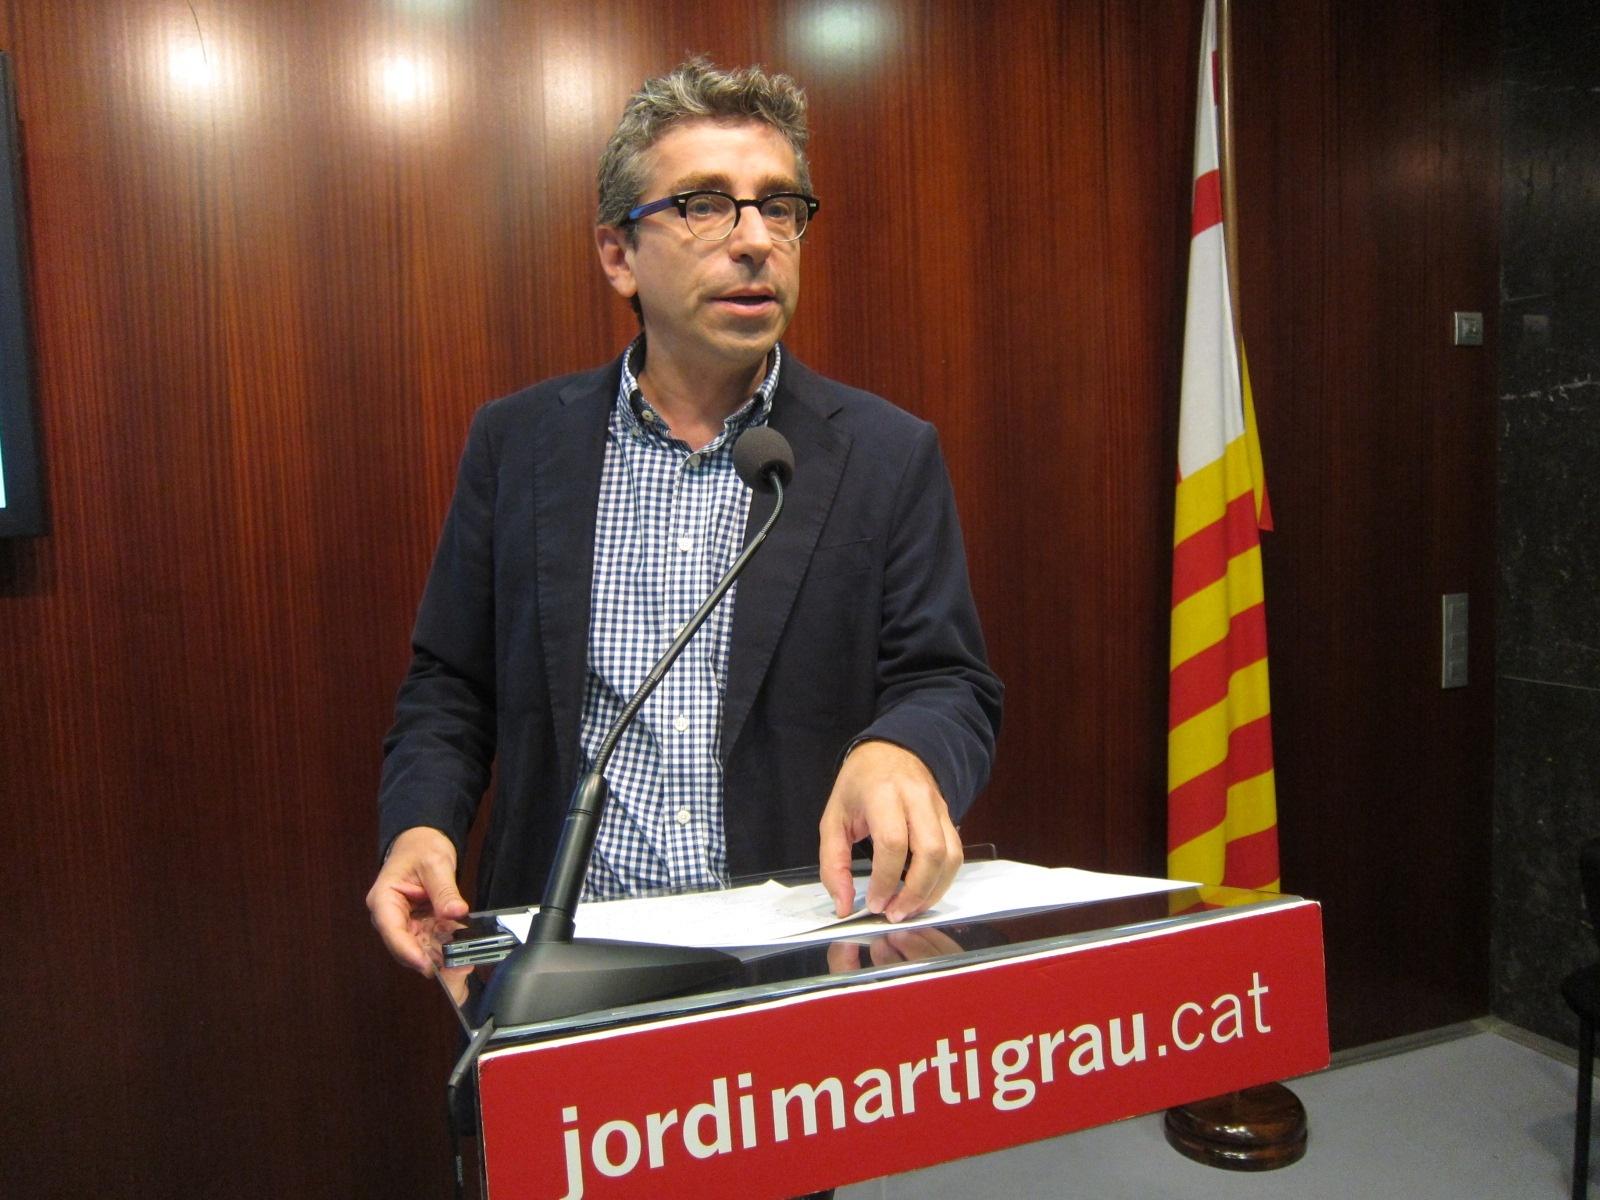 Jordi Martí (PSC) pide una consulta en Barcelona y Pirineo antes de dos meses